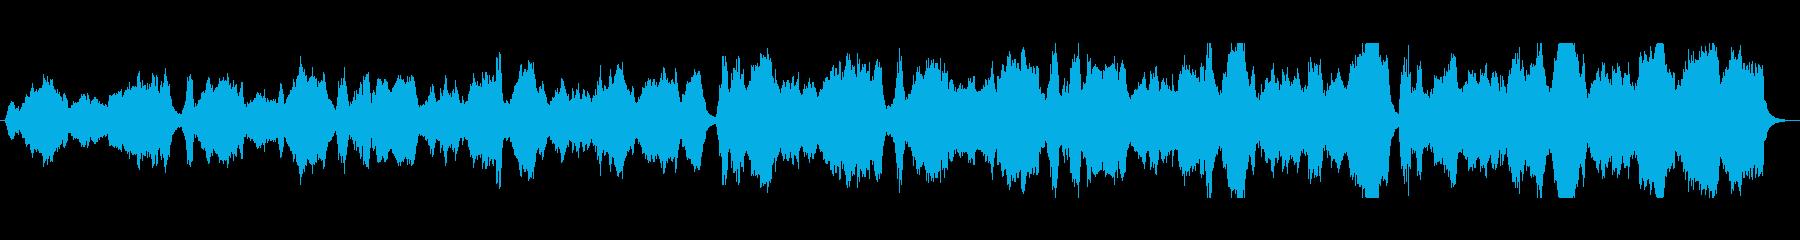 ゲームのエンディング風ストリングス曲の再生済みの波形